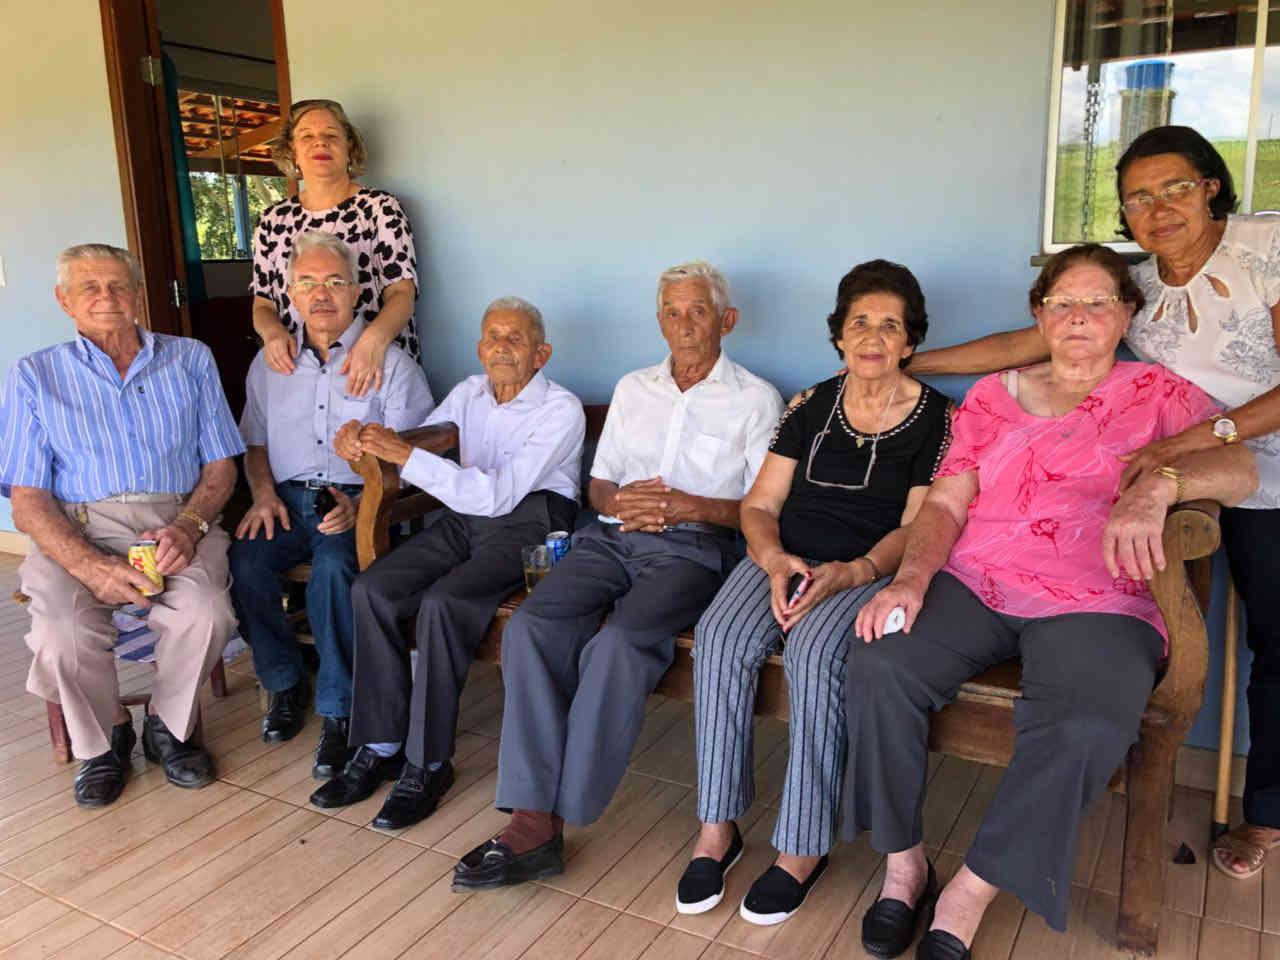 José Nicolau com familiares em 20.01.2018